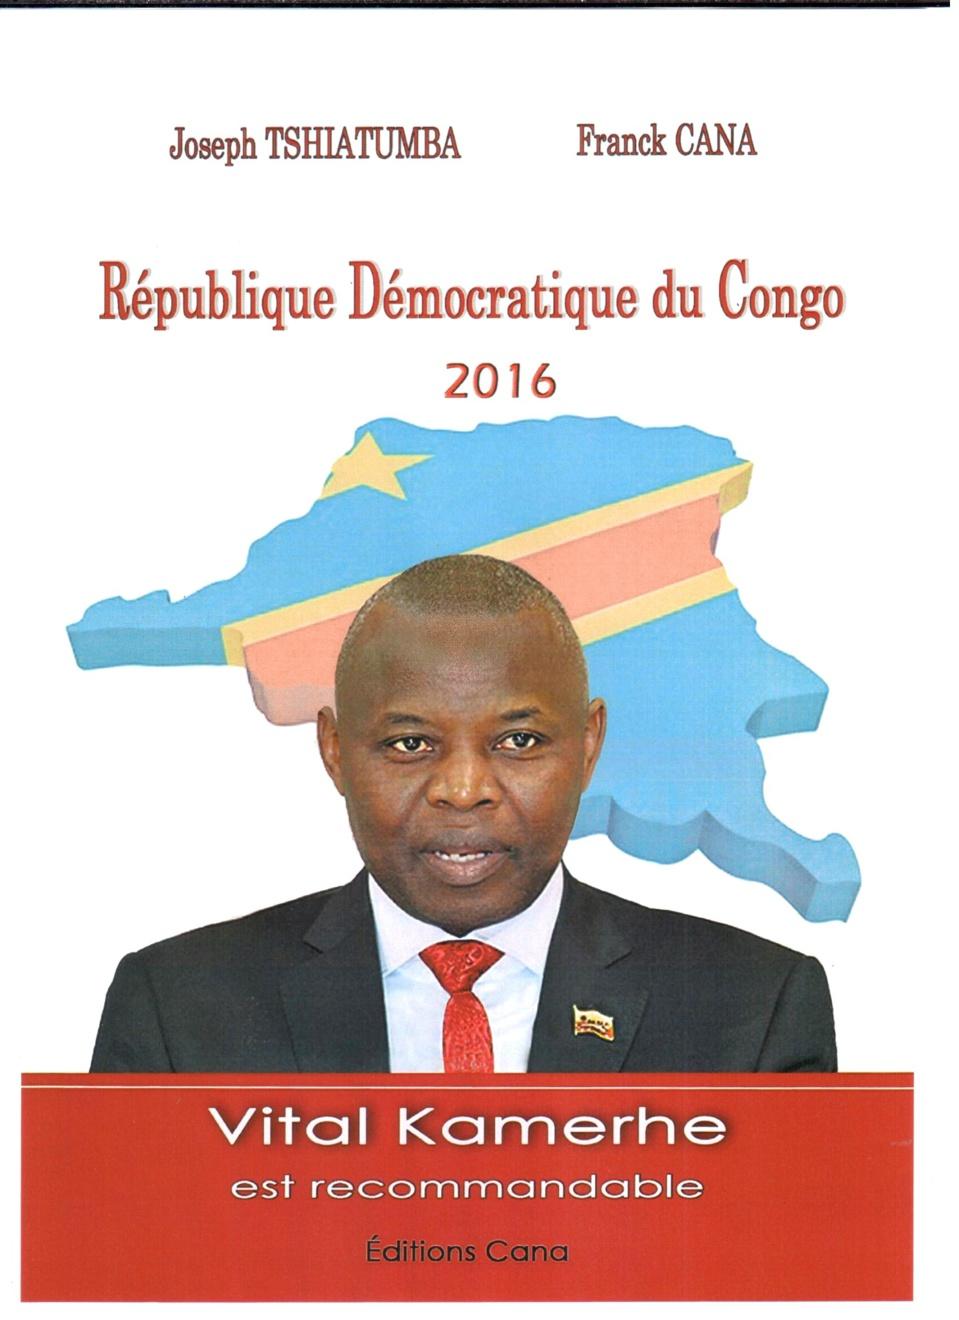 """Livre : Publication de l'ouvrage """"République Démocratique du Congo 2016 : Vital Kamerhe est recommandable"""""""